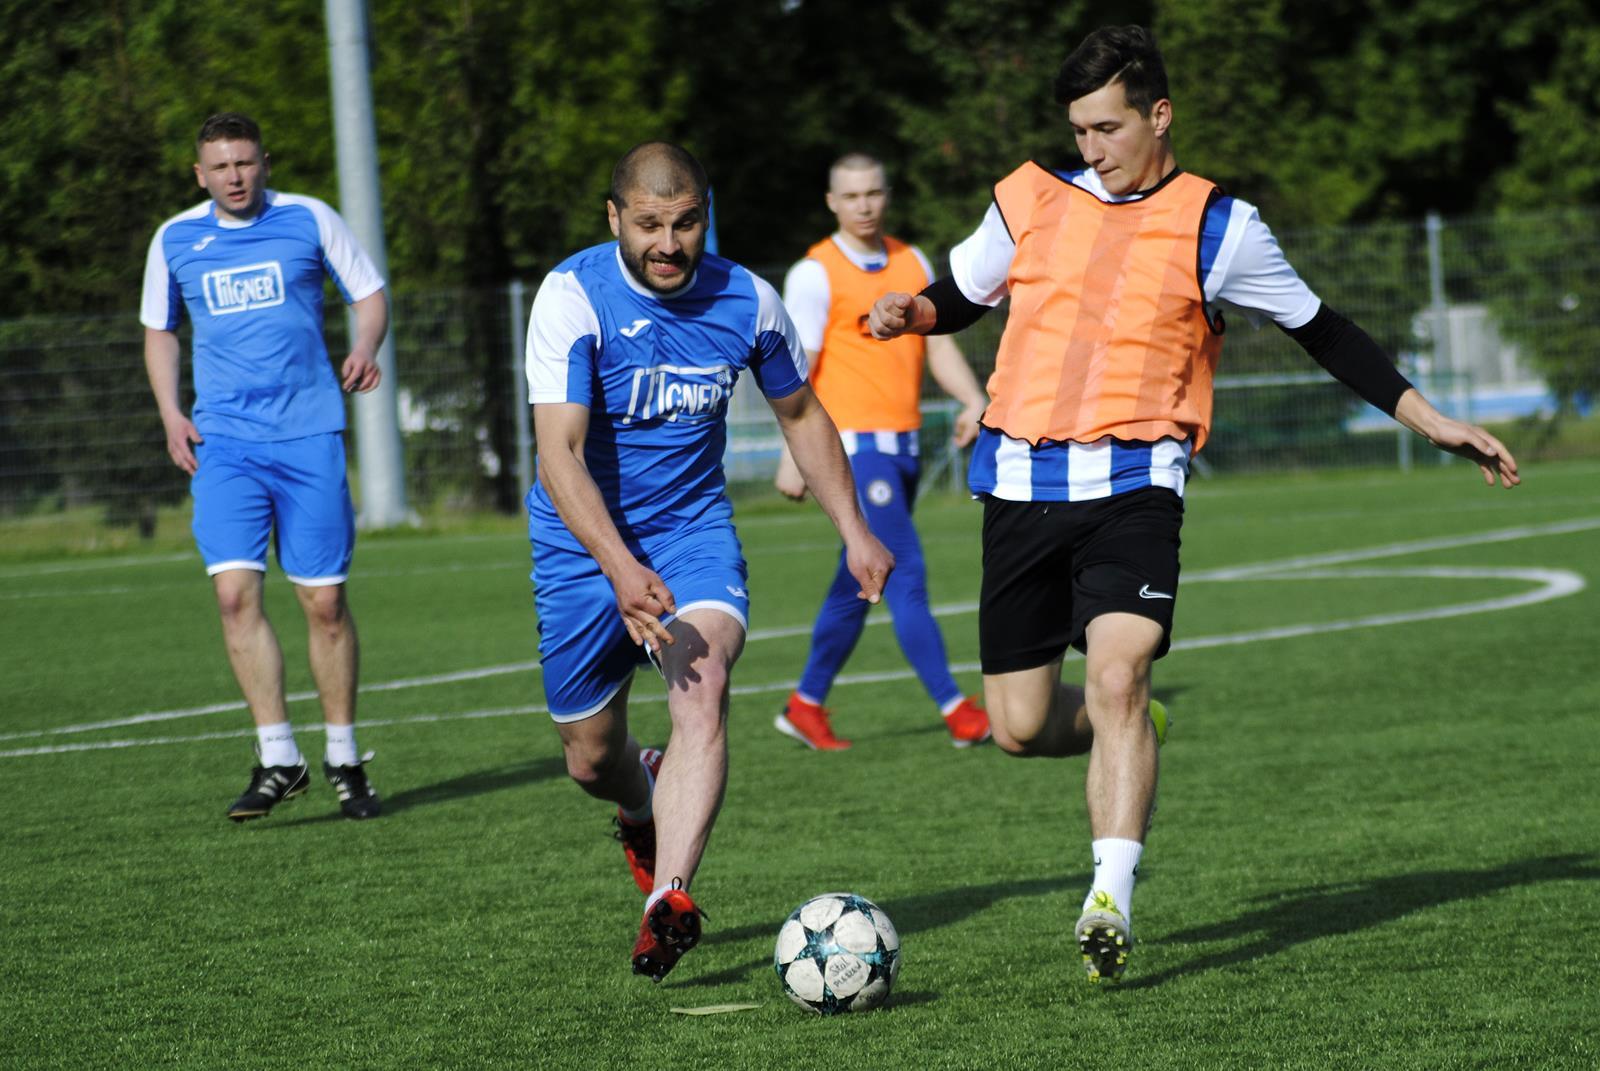 Pleszewska Liga Amatorska. Inauguracja 21 edycji rozgrywek - Zdjęcie główne